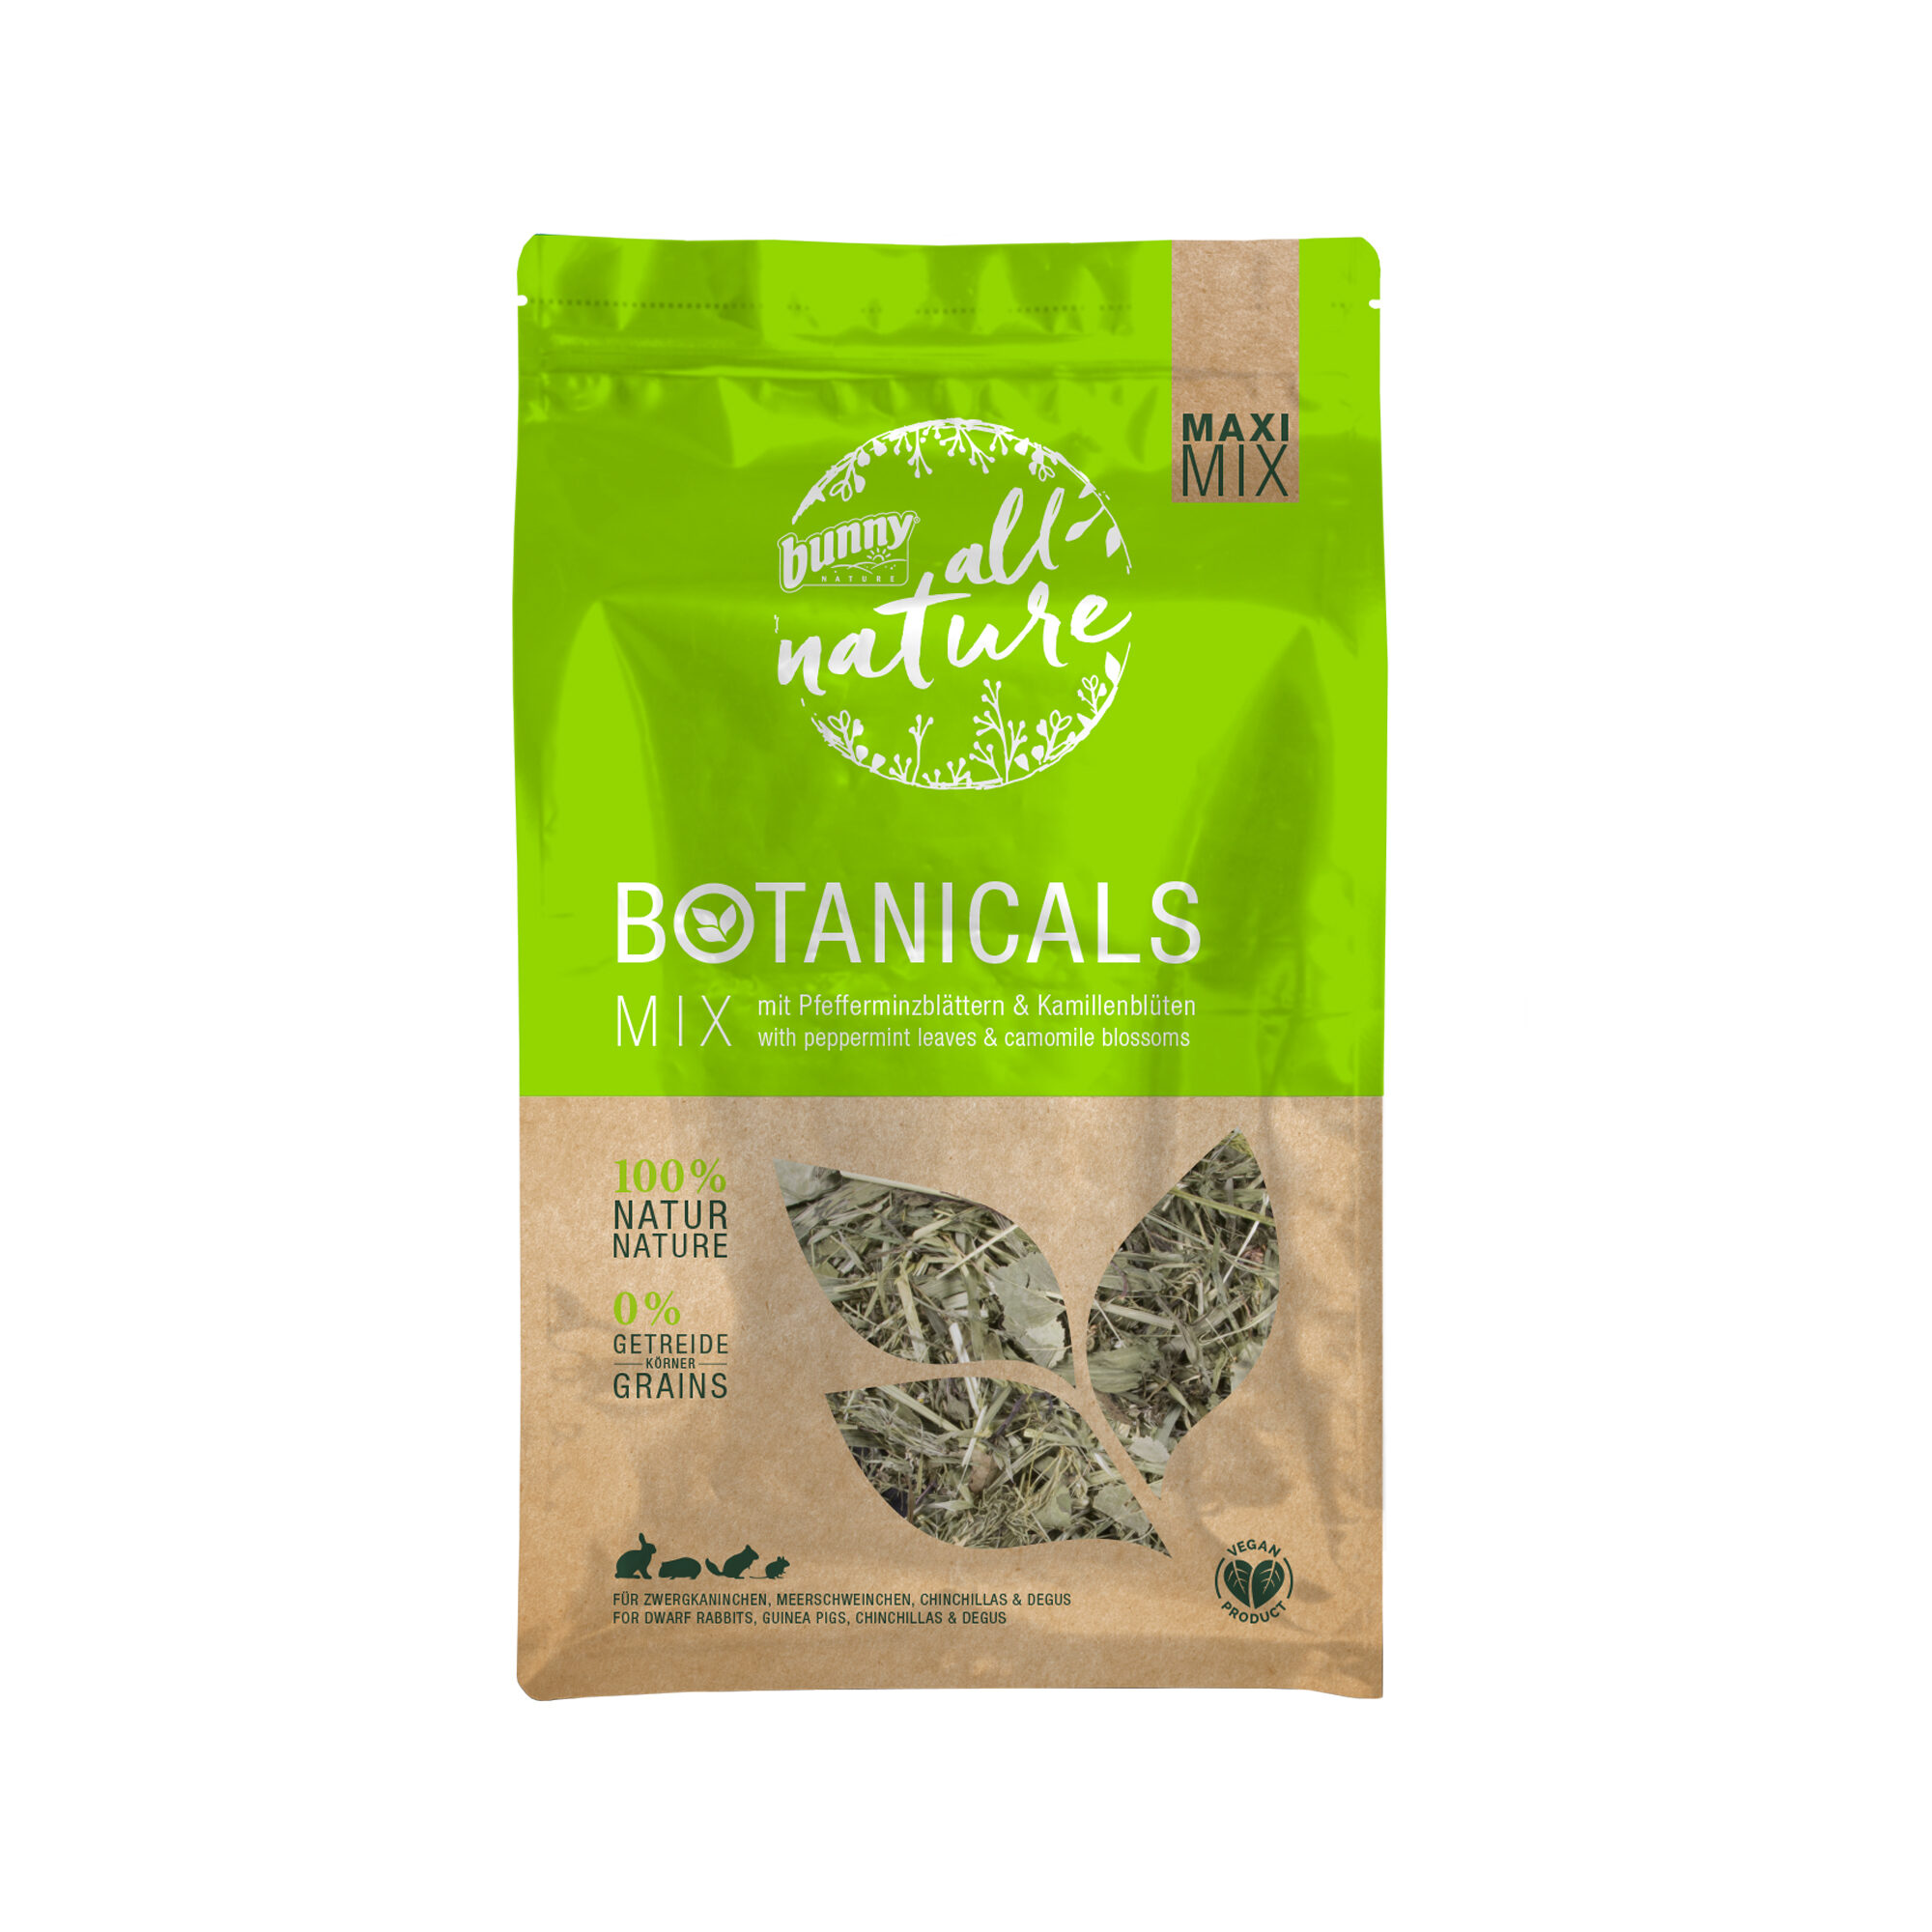 Bunny Nature Maxi Mix Botanicals - Menthe poivrée et camomille - 400 g